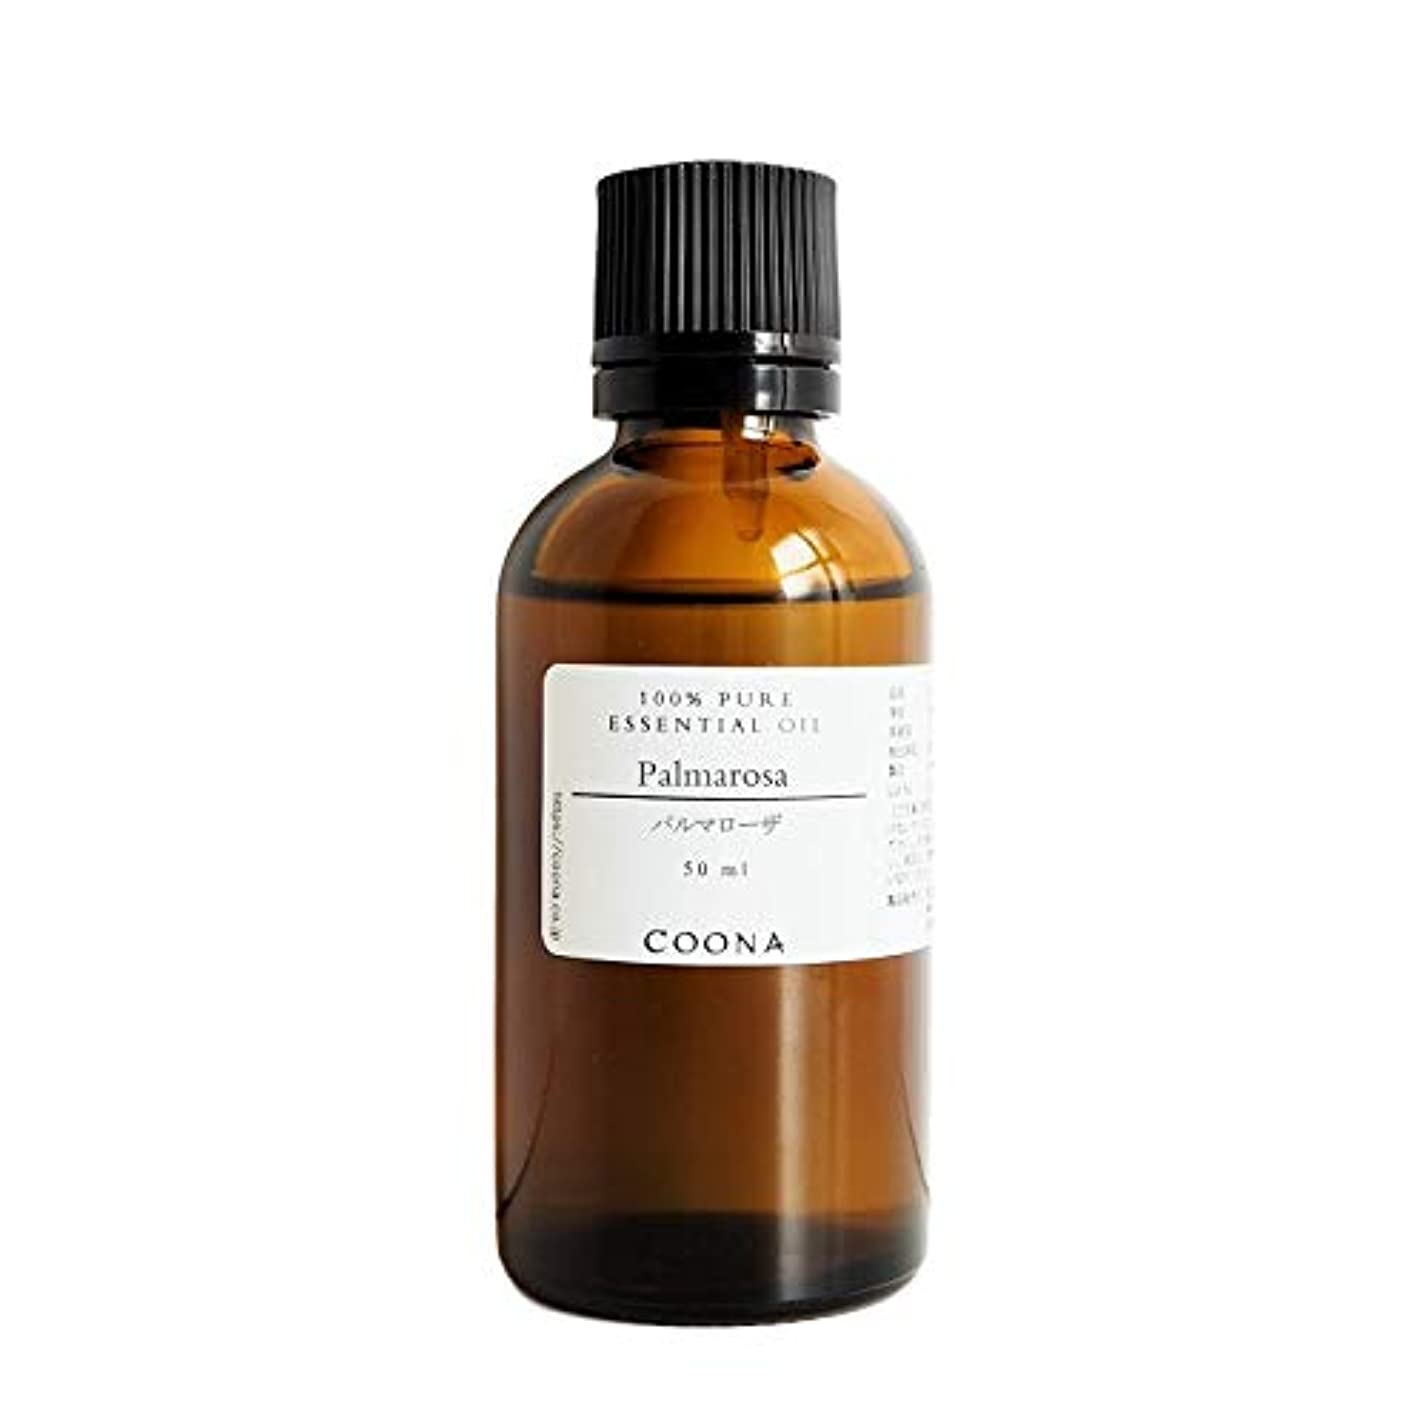 上がる合法扇動パルマローザ 50 ml (COONA エッセンシャルオイル アロマオイル 100%天然植物精油)